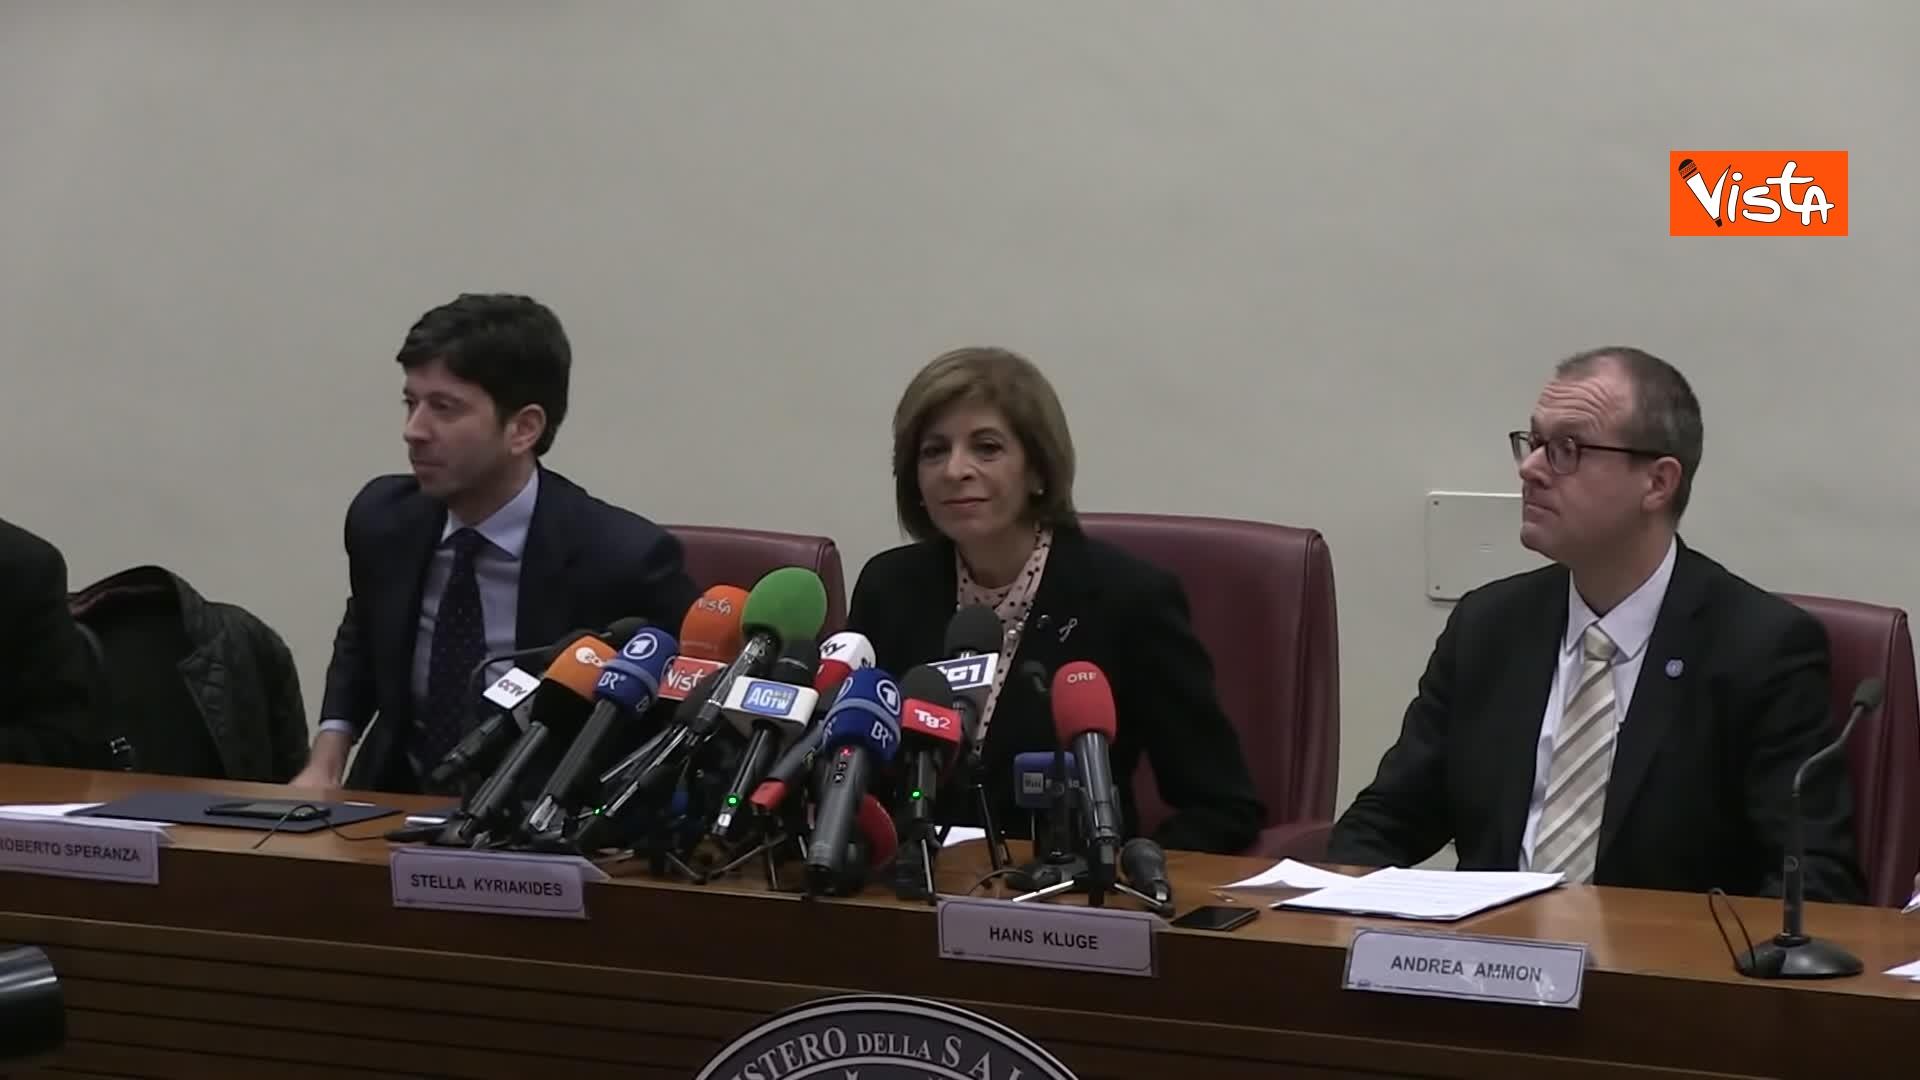 Roberto Speranza, Stella Kyriakides